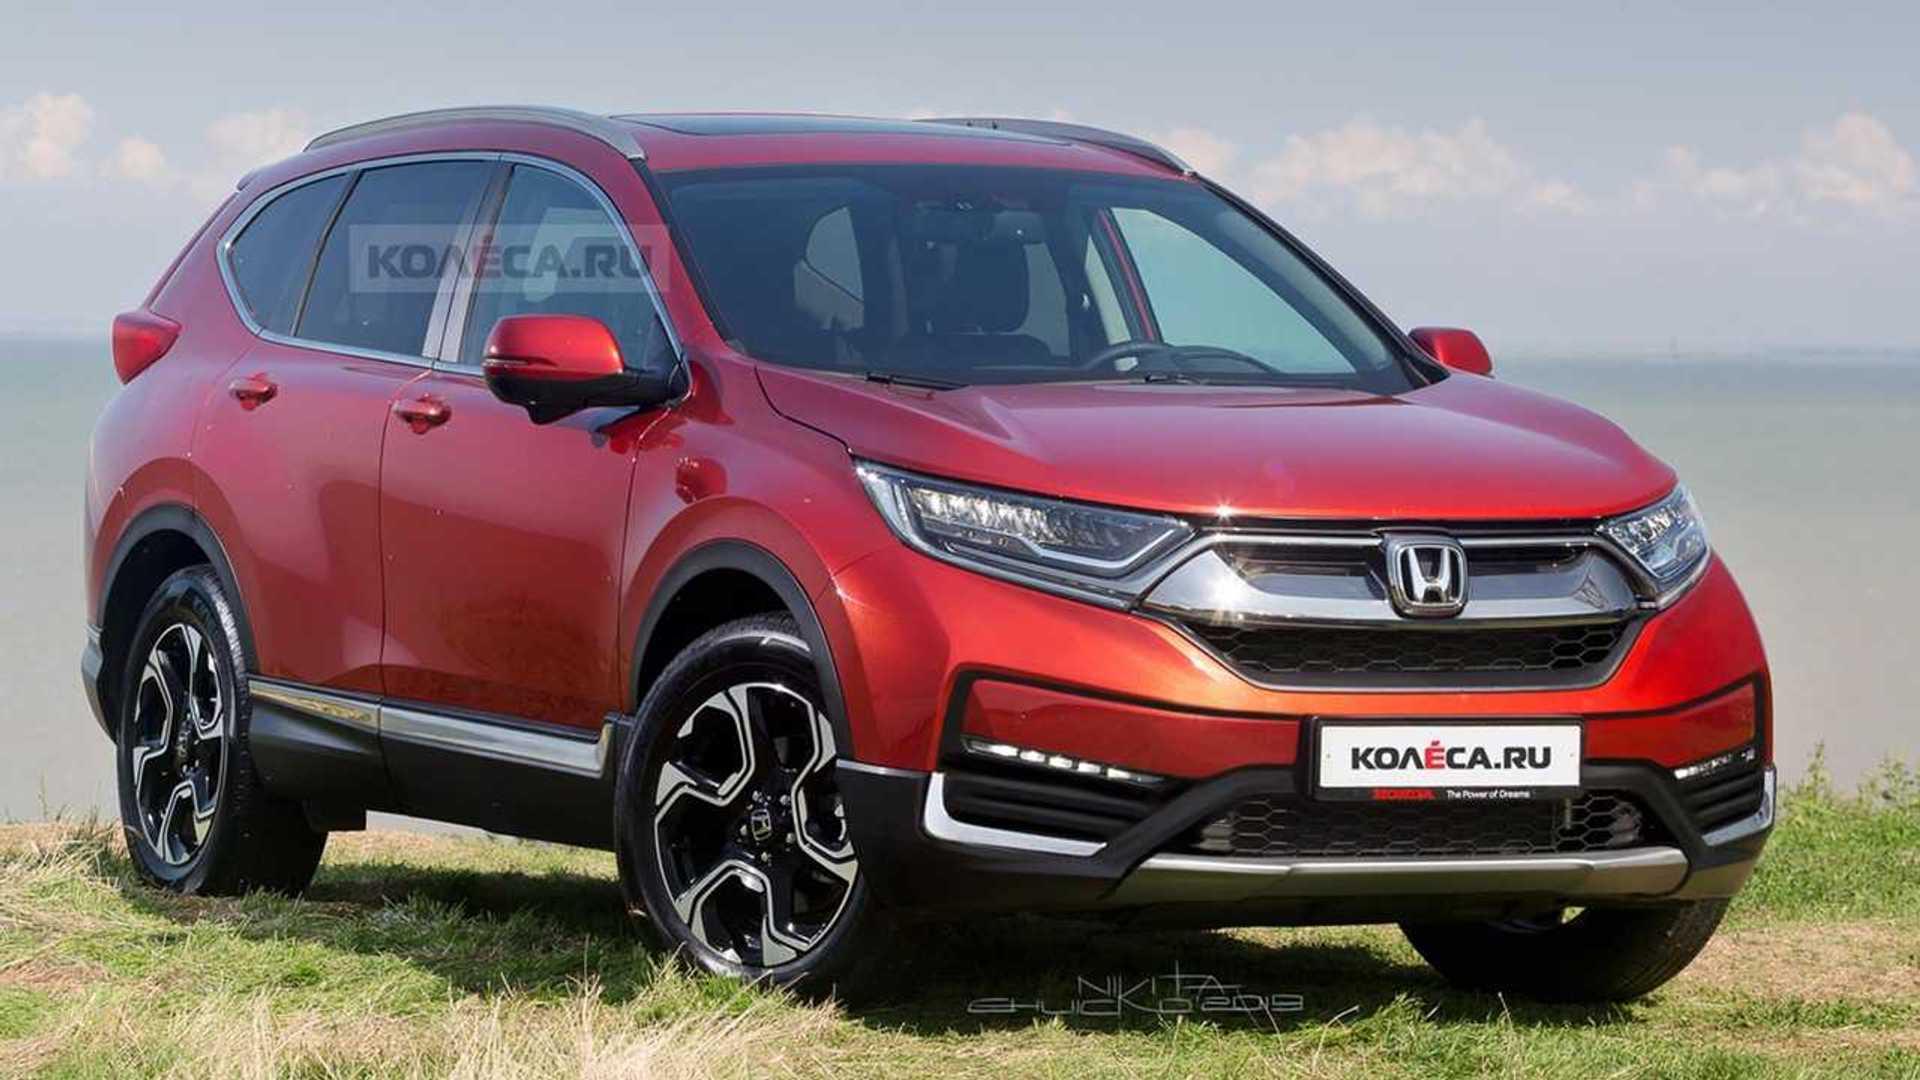 2020 Honda Cr V Facelift Rendered Based On Spy Shots